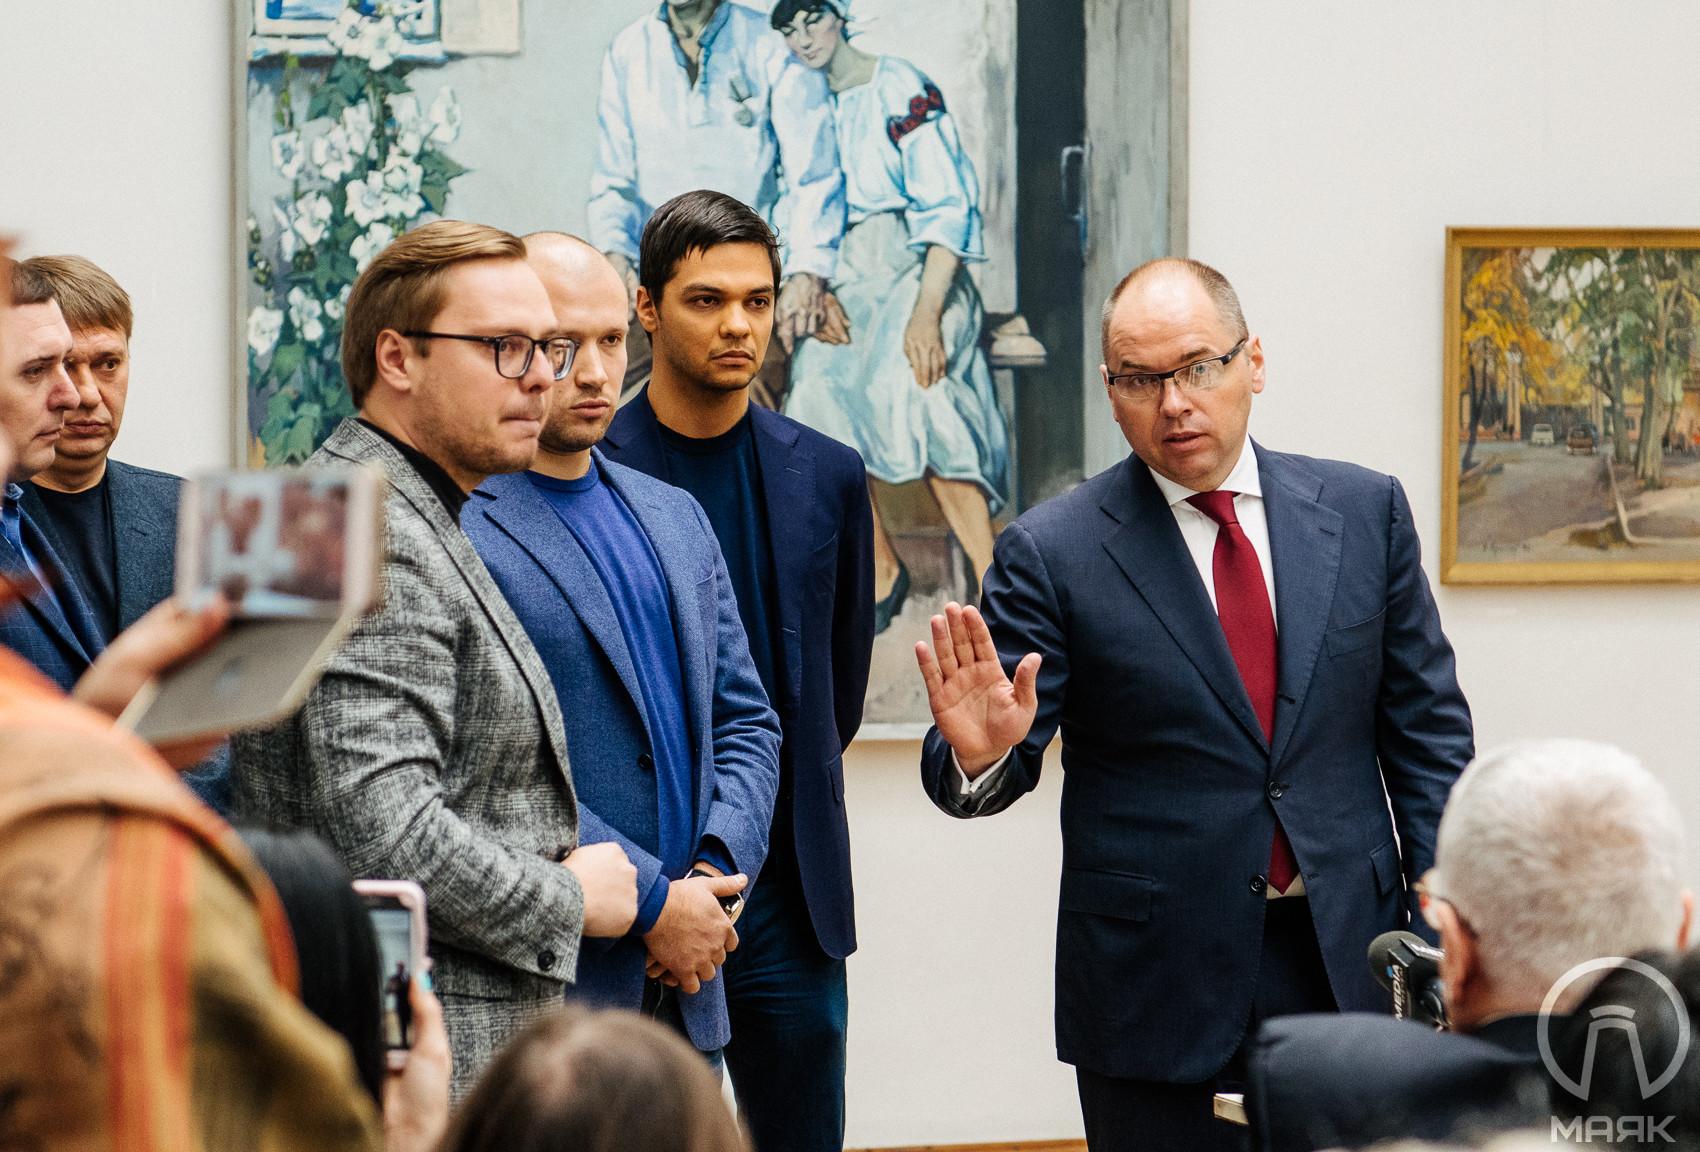 Глава области Степанов назначил Александра Ройтбурда директором музея, на его представлении Оппоблок устроил скандал